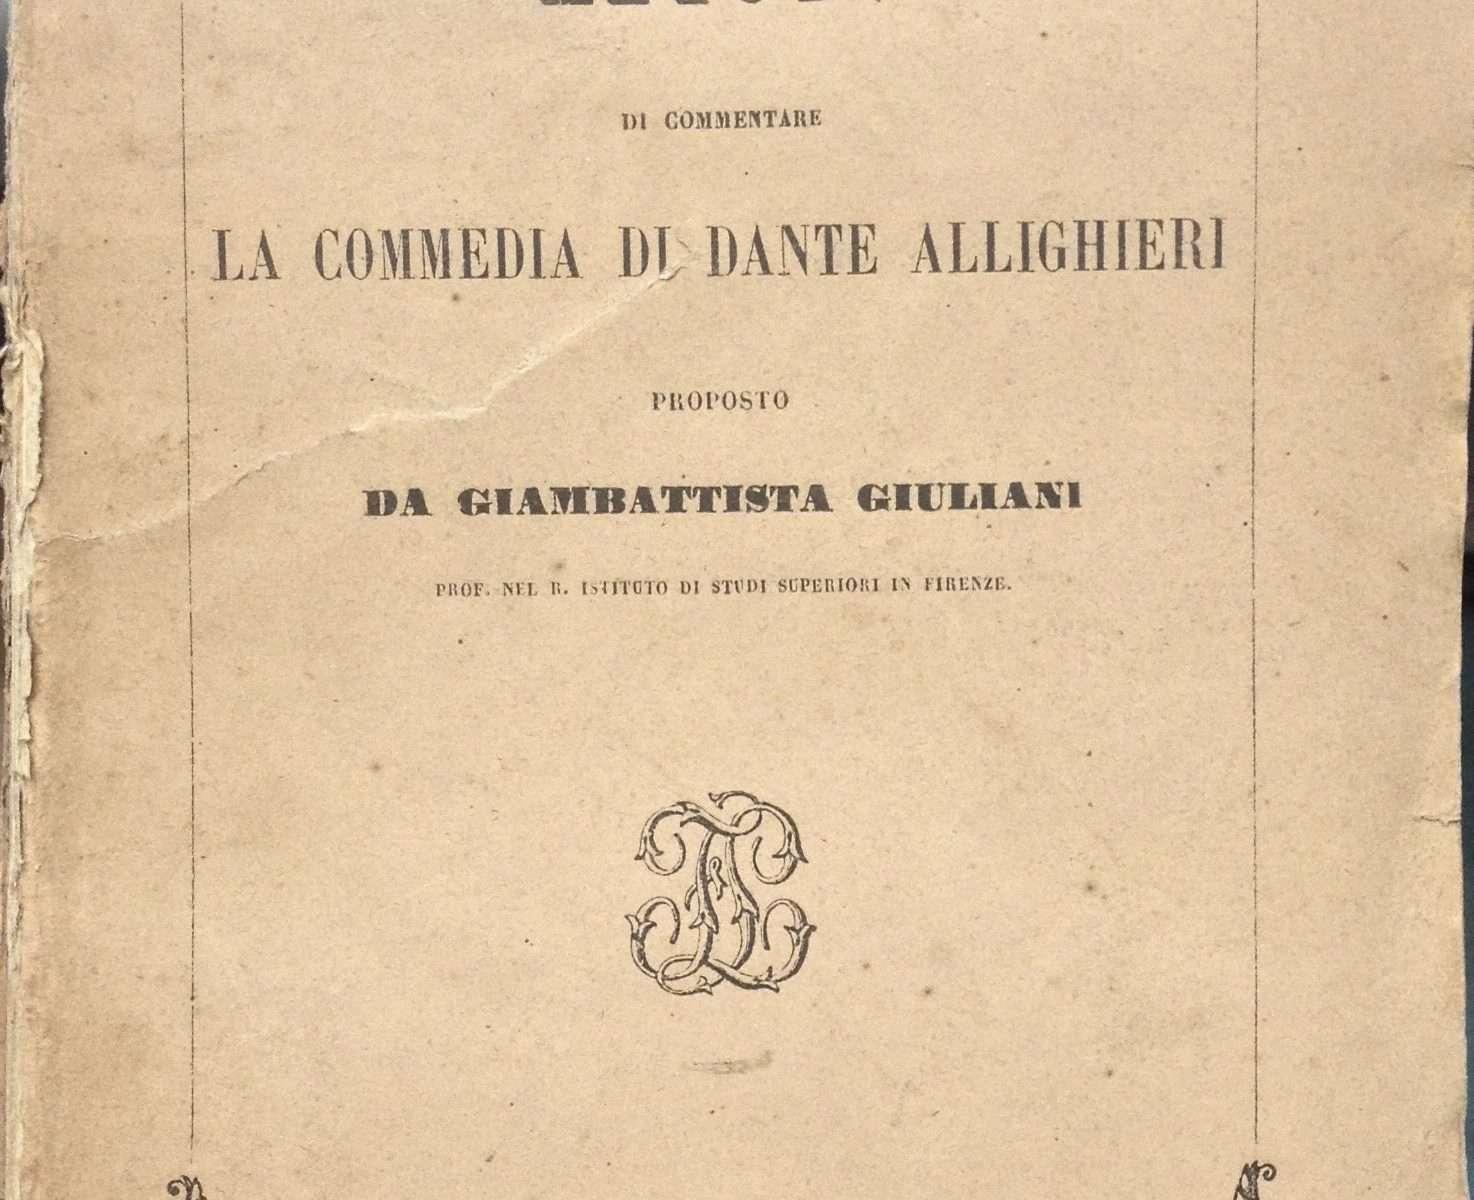 METODO DI COMMENTARE LA COMMEDIA DI DANTE ALLIGHIERI   <BR/>Giambattista Giuliani